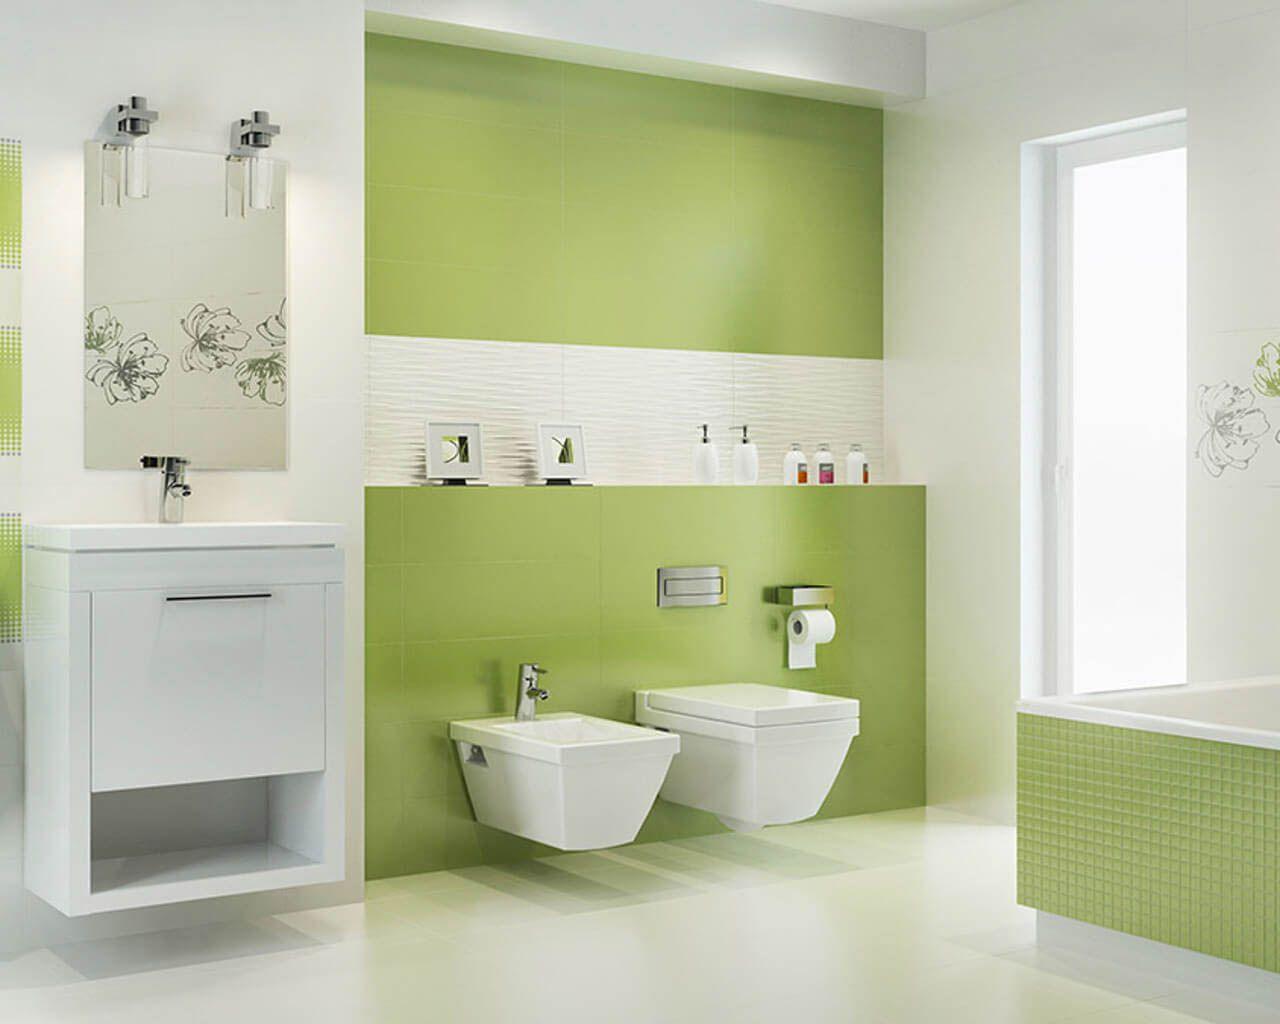 Modernes Weiß Grünes Bad Mit Einer Badewanne